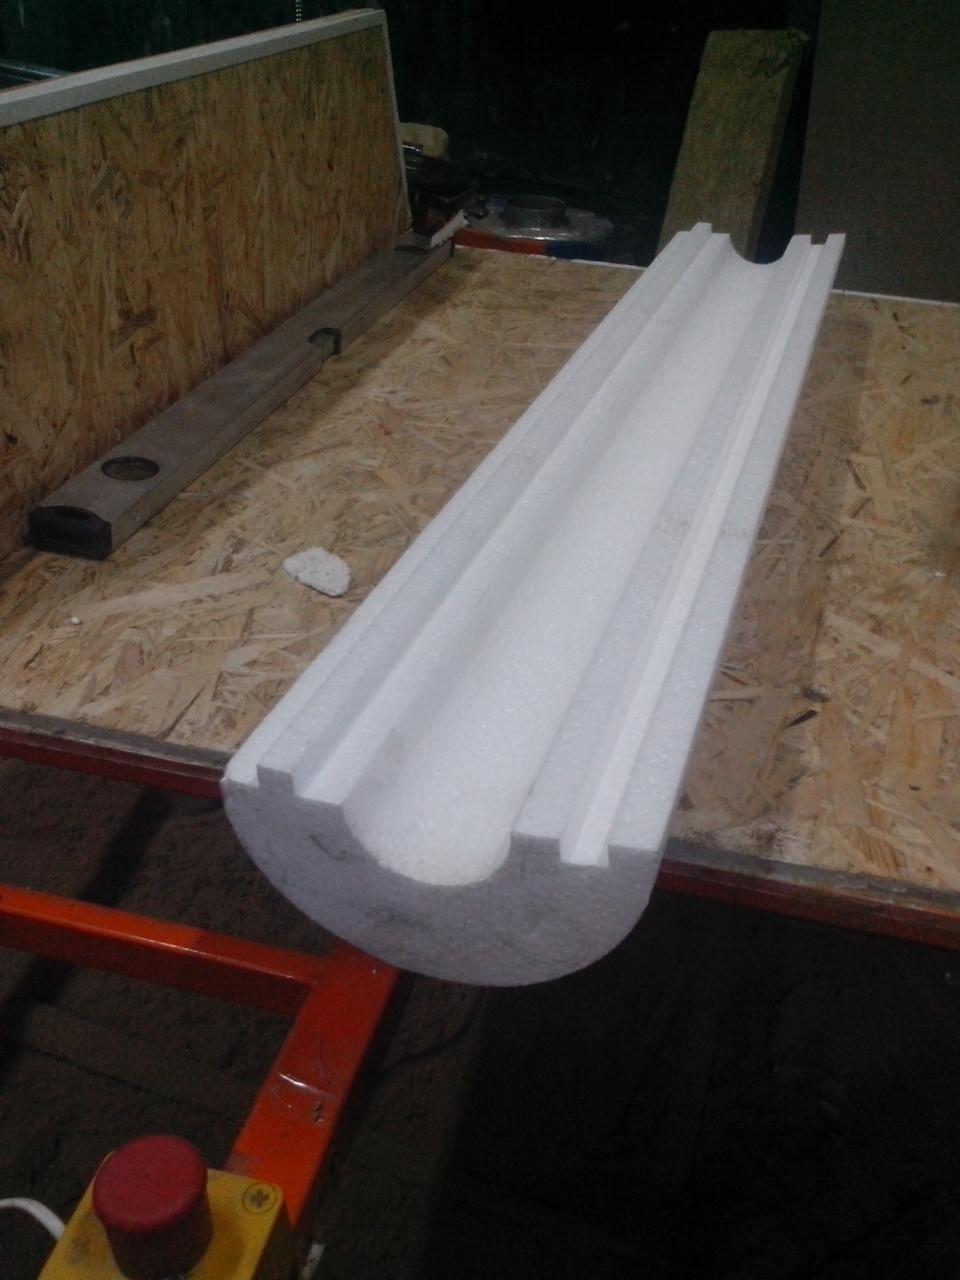 Утеплитель из пенопласта (пенополистирола) для труб Ø 25 мм толщиной 50 мм